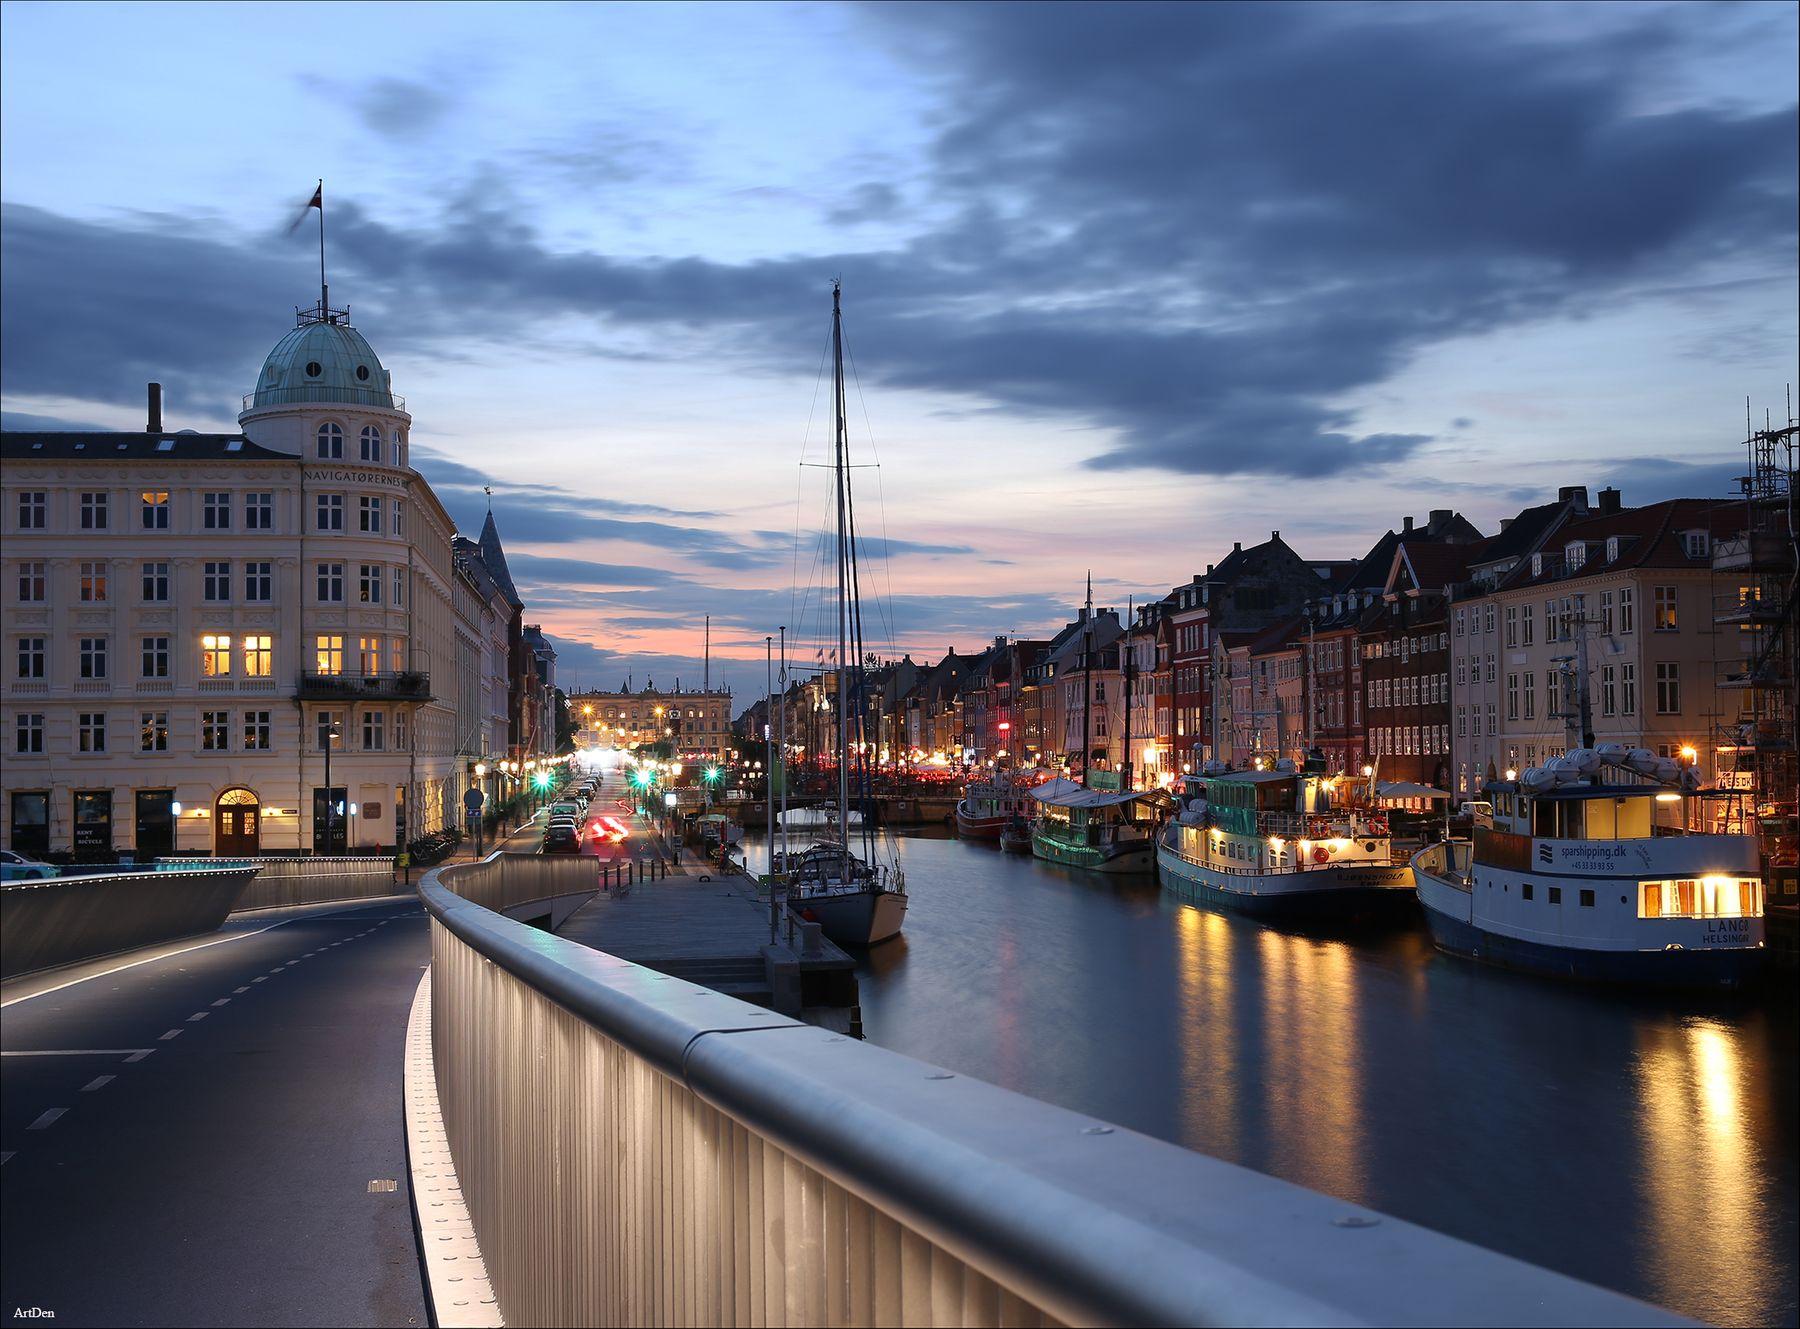 Нюхавн в Копенгагене Дания Копенгаген выдержка